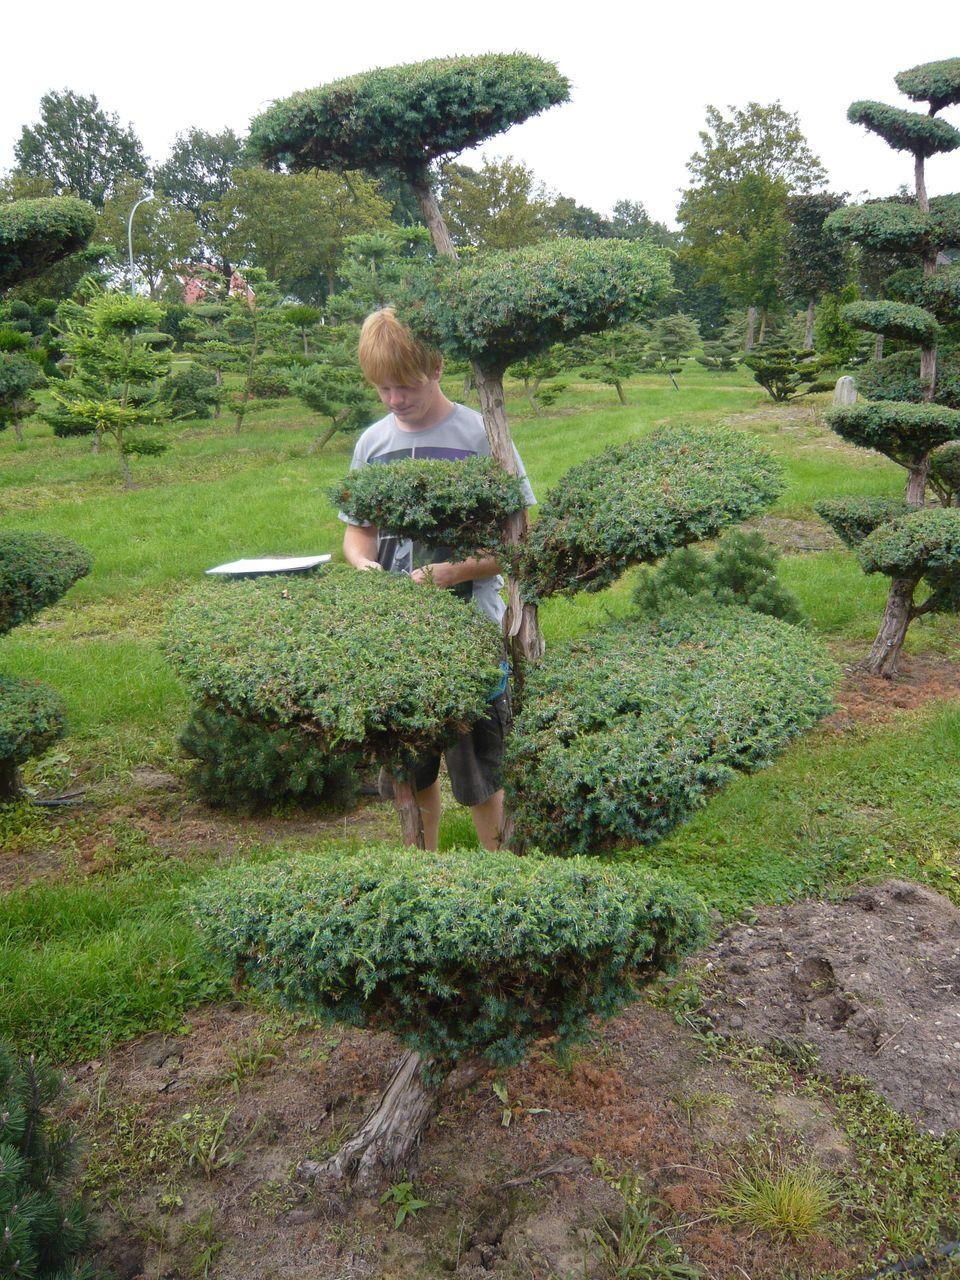 Pflanzenspecial gartenbonsai kostbarkeiten japans for Pflanzen fur kleine garten